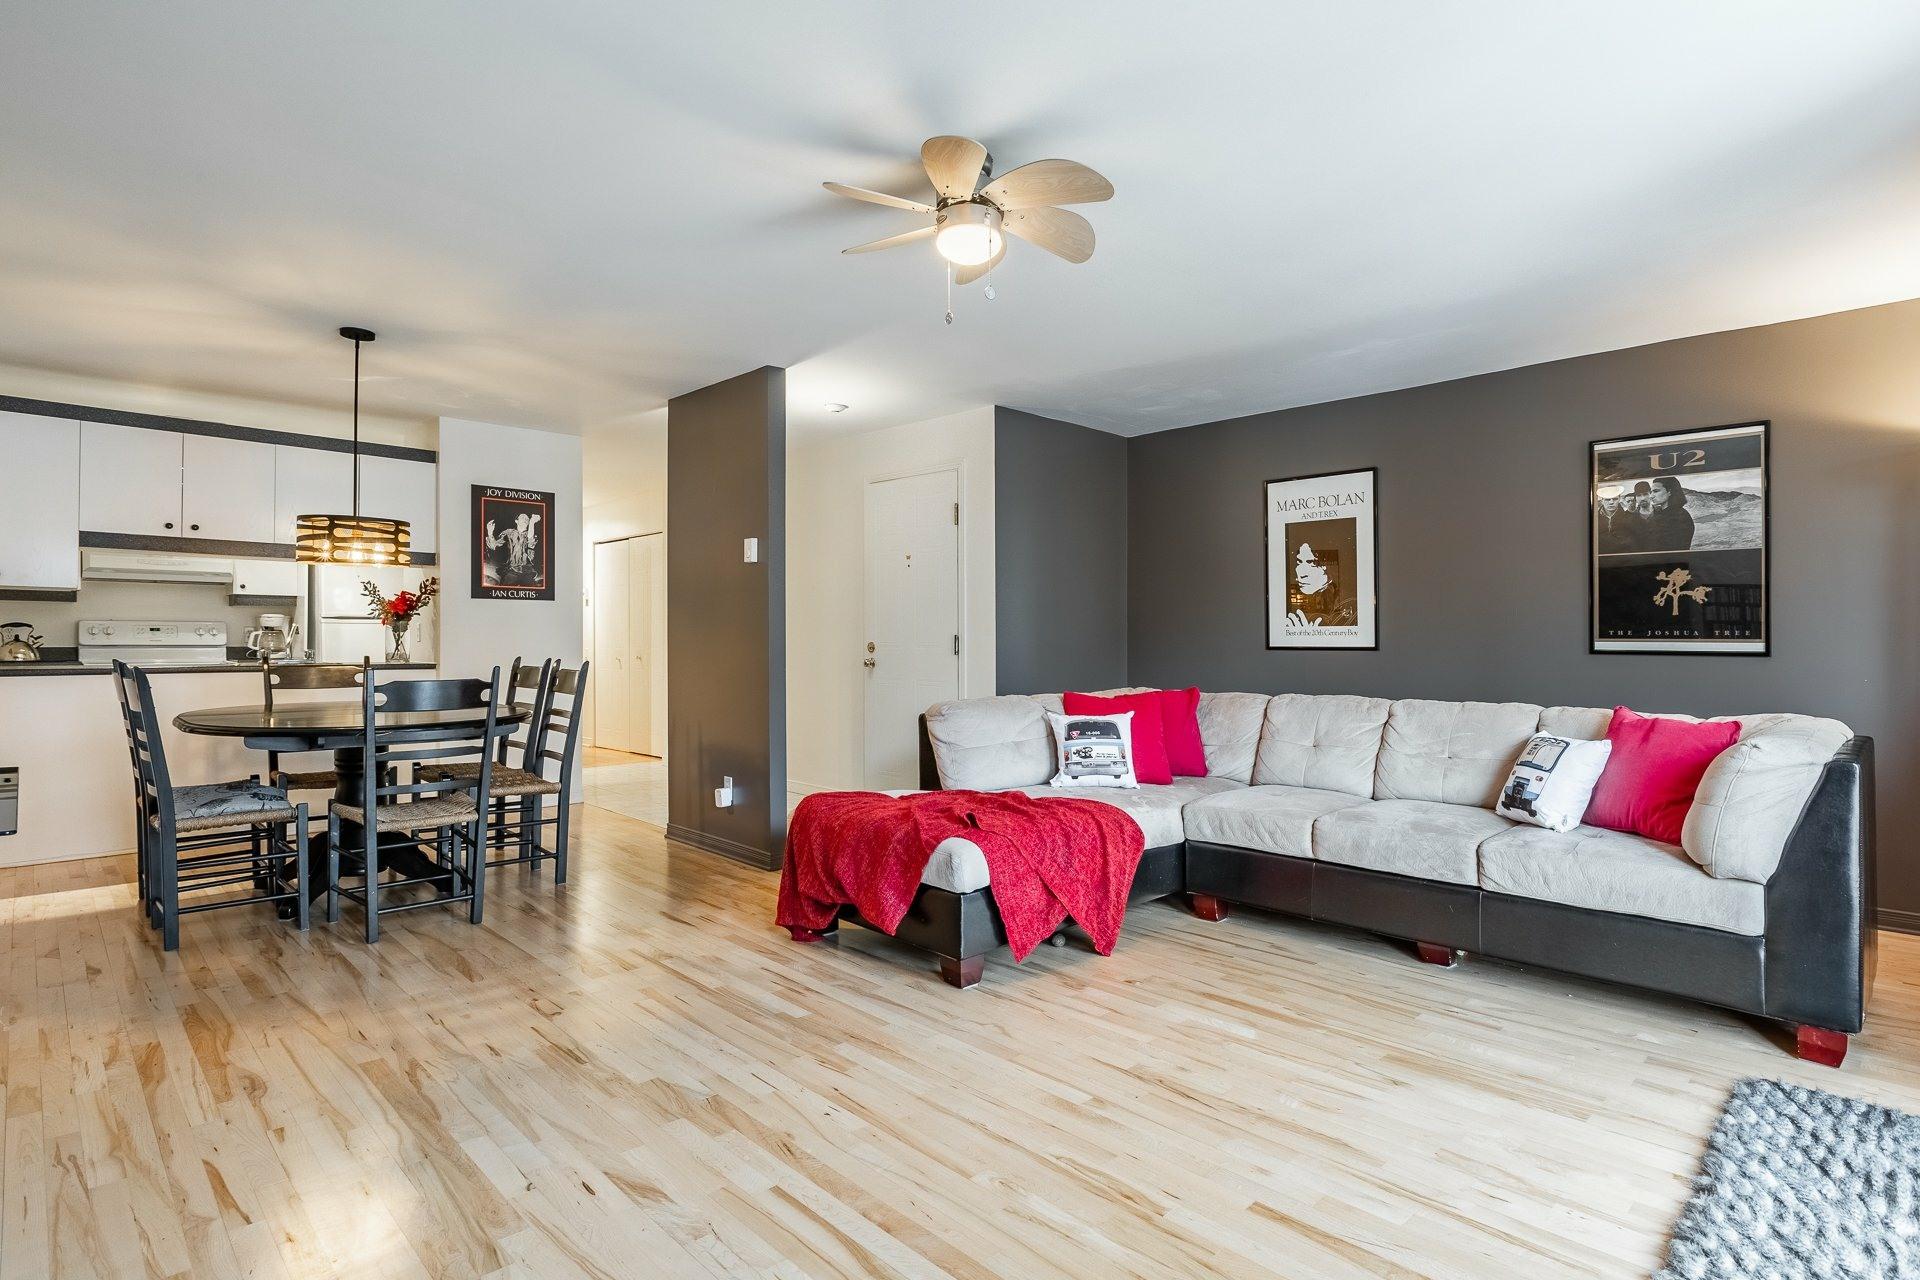 image 2 - Appartement À vendre Montréal Le Plateau-Mont-Royal  - 6 pièces